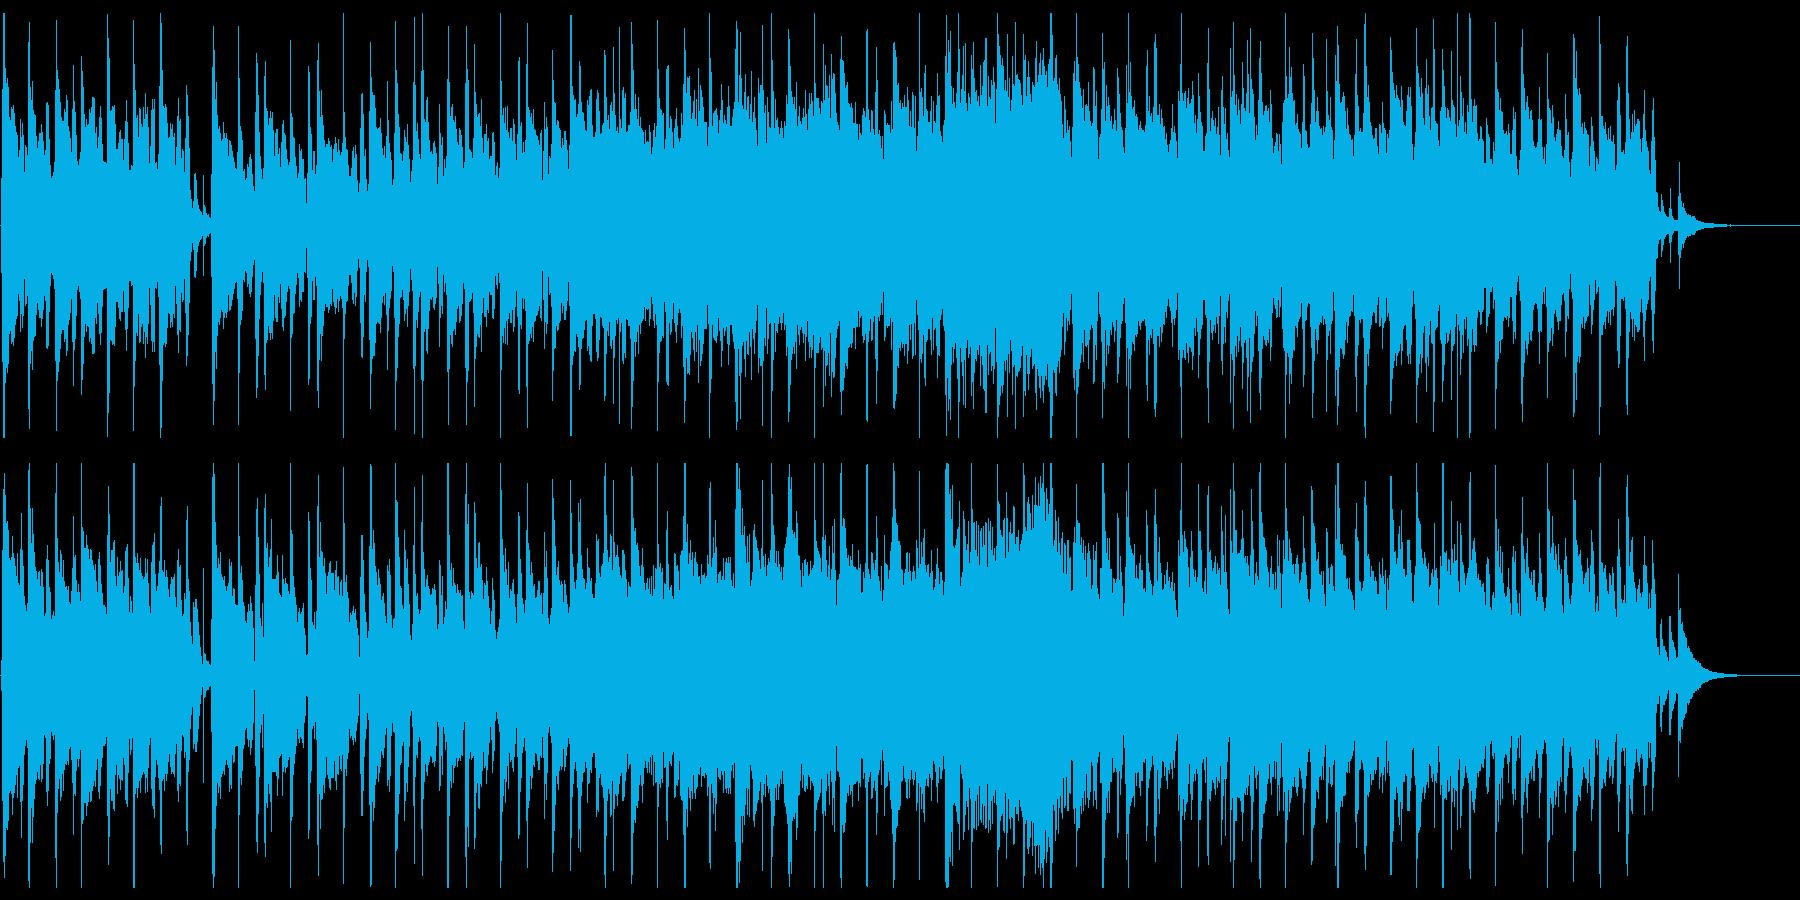 かわいい雰囲気の3拍子ポップスの再生済みの波形